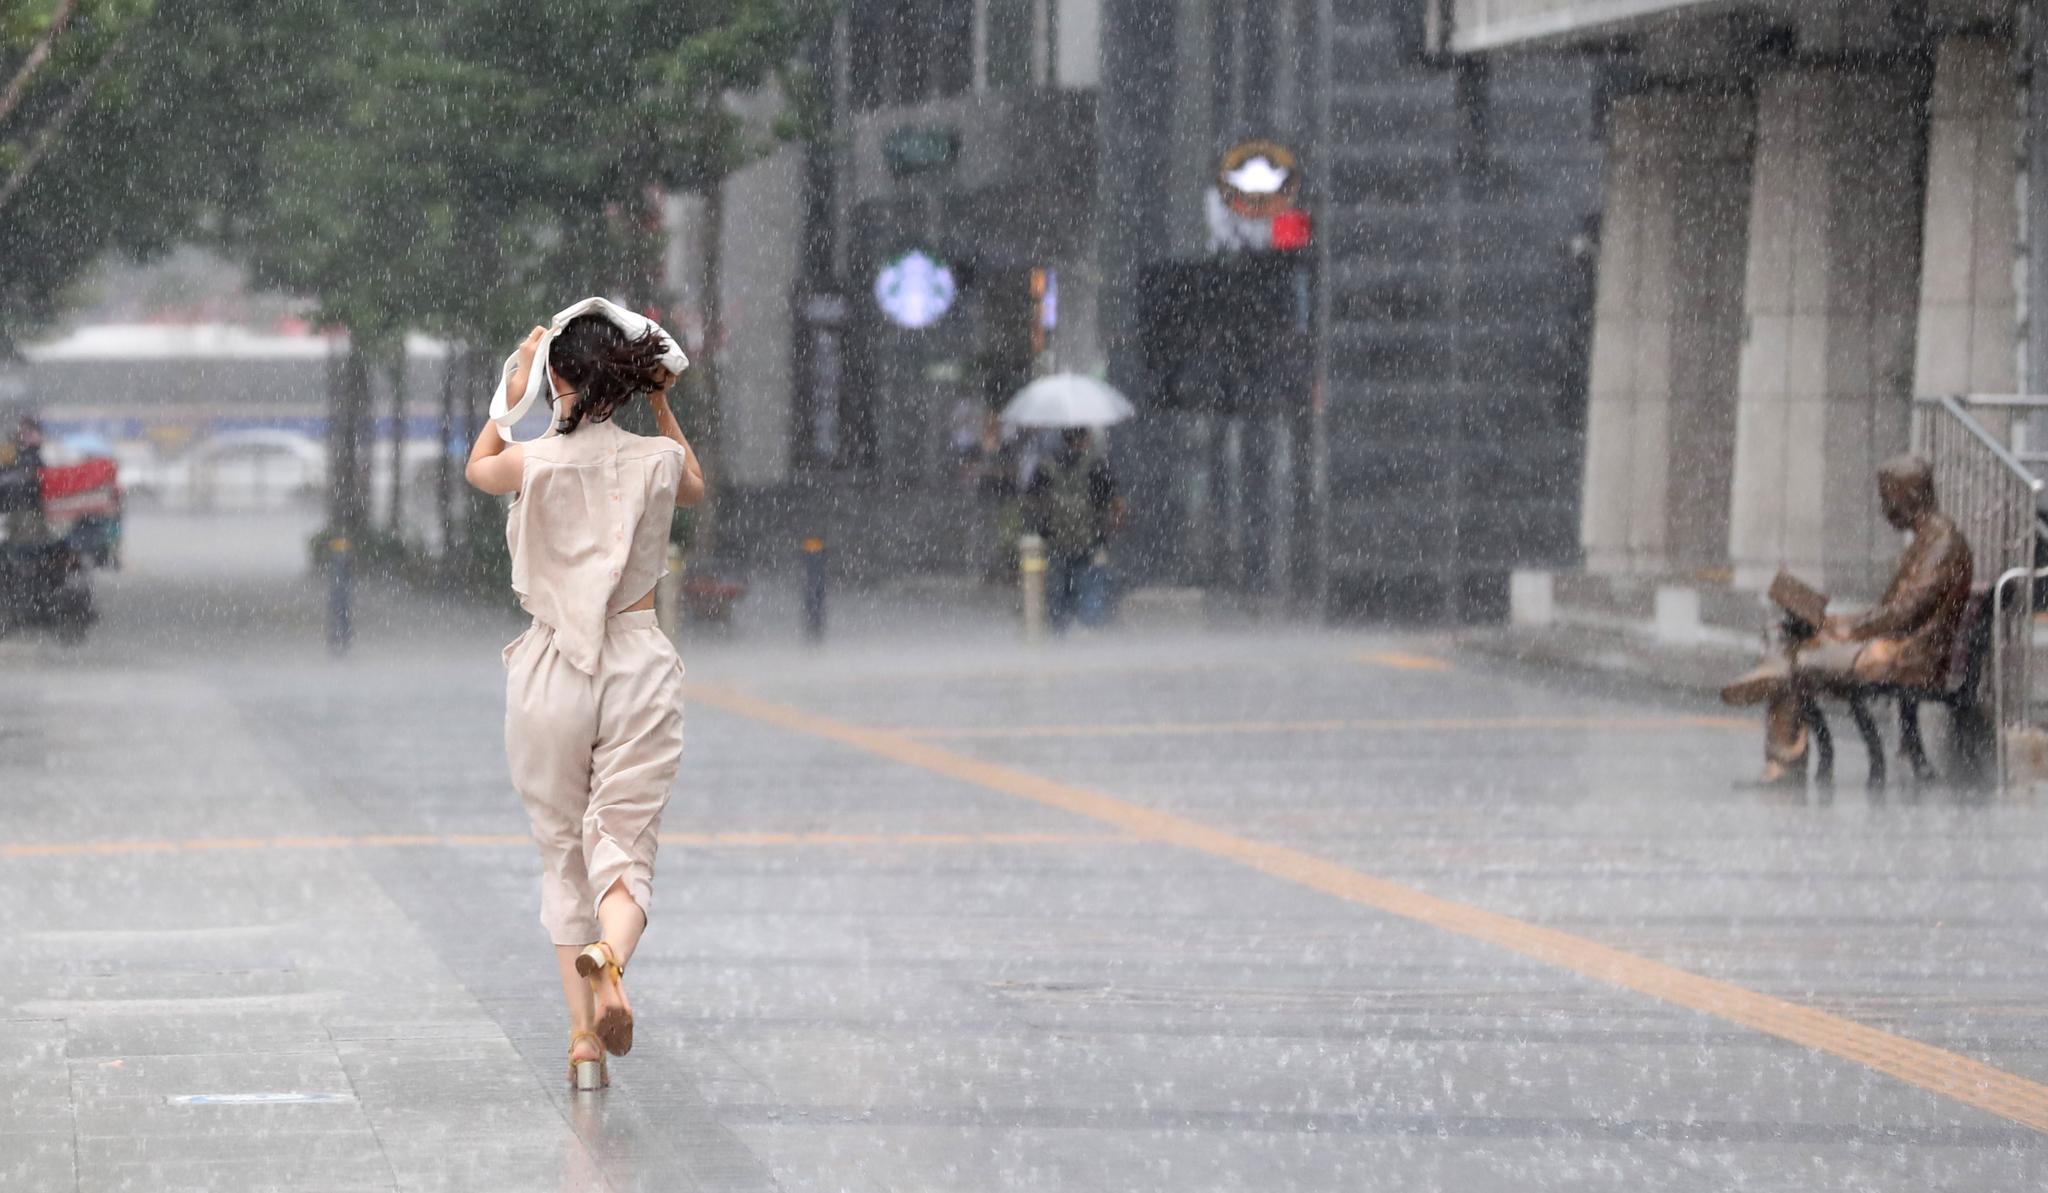 폭염이 계속된 28일 서울 광화문 광장 주변에 한때 강한 소나기가 내리자 시민들이 비를 피하기 위해 뛰고 있다. [연합뉴스]